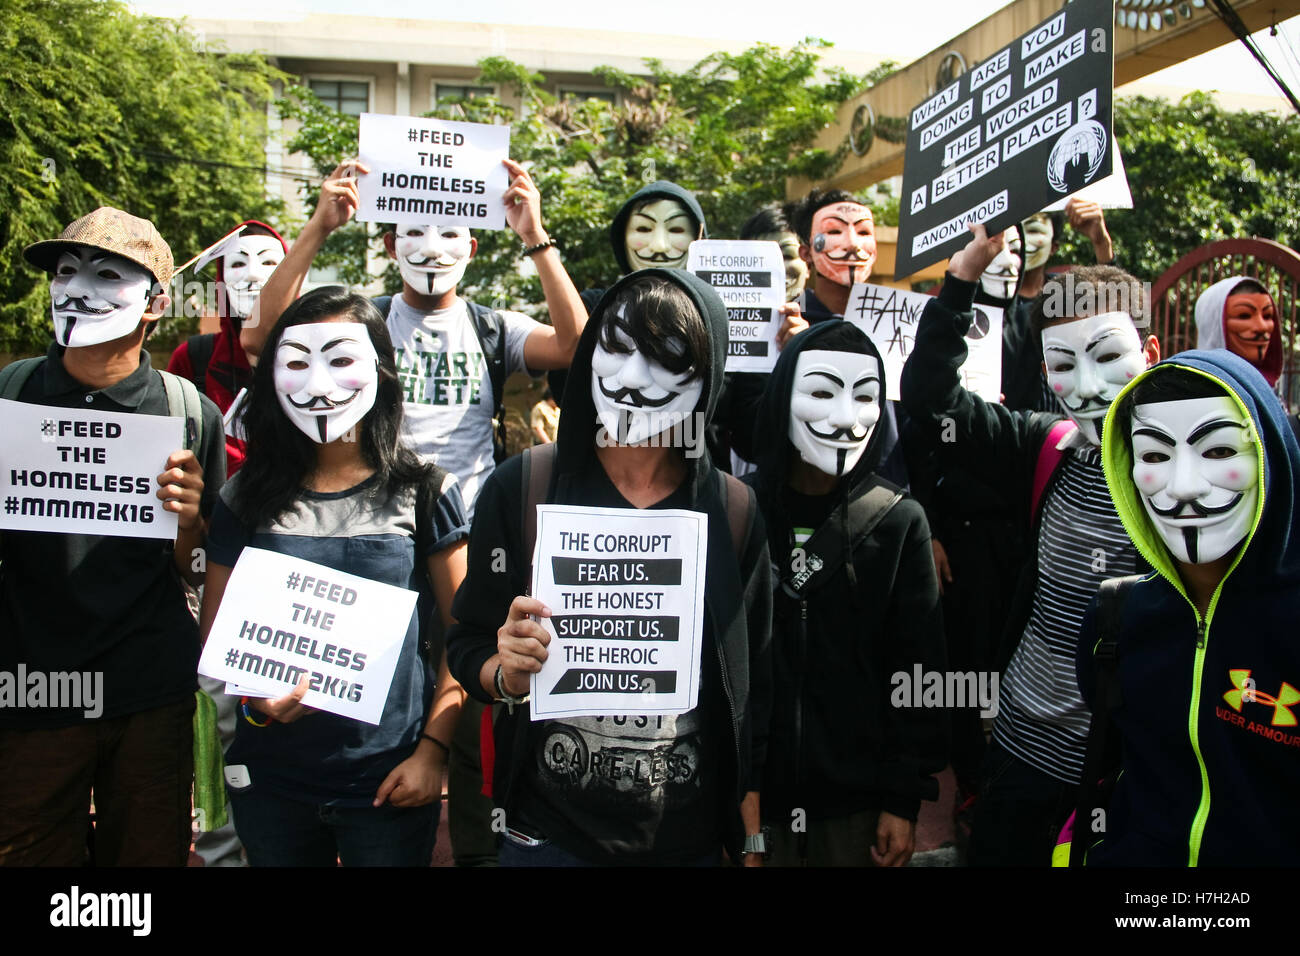 Philippinen. 5. November 2016. Mitglieder des anonymen Philippinen ...